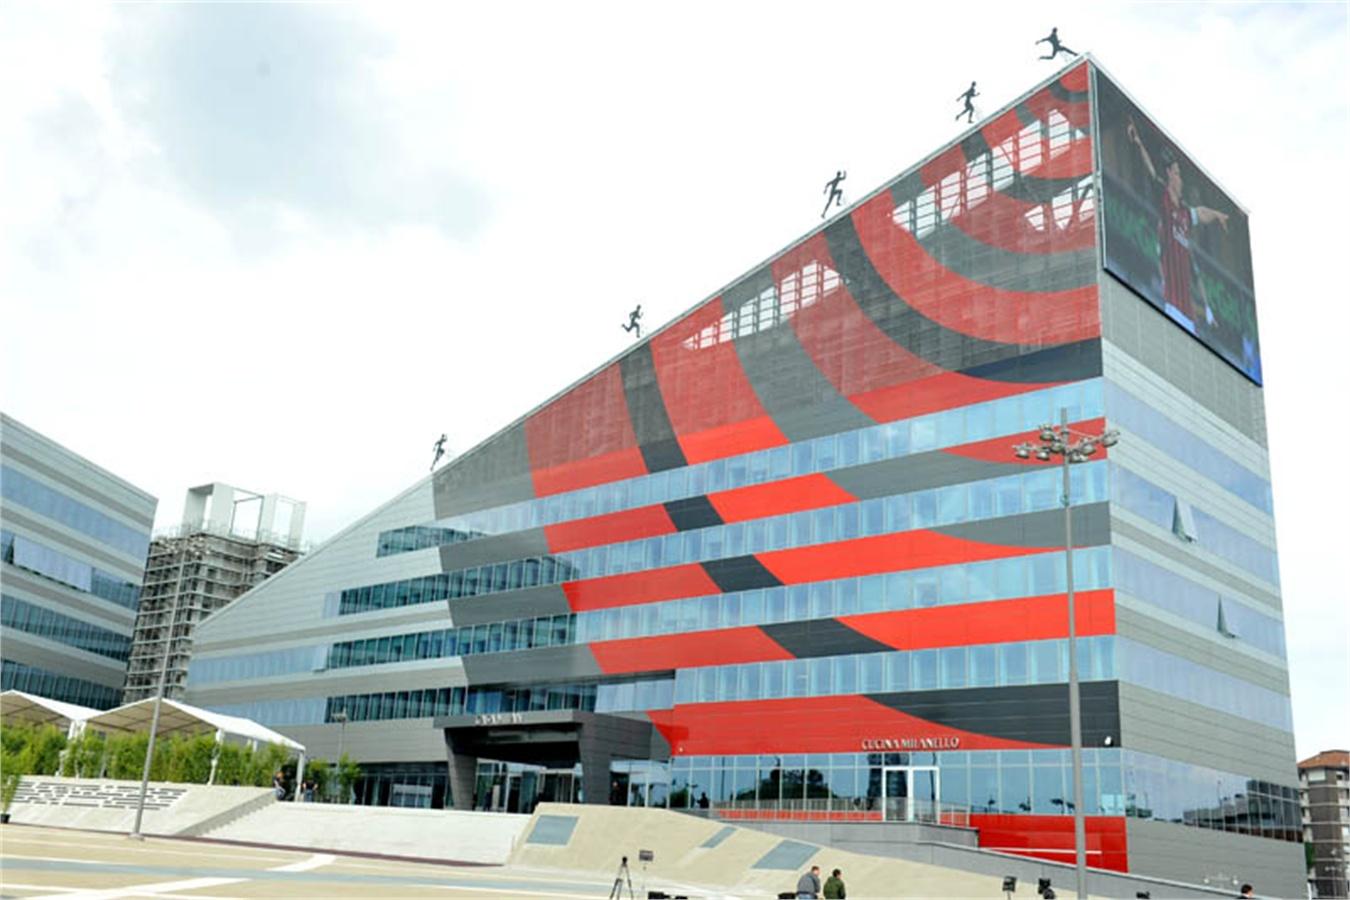 Benvenuti a Casa Milan apre oggi la nuova sede dei rossoneri  VanityFairit